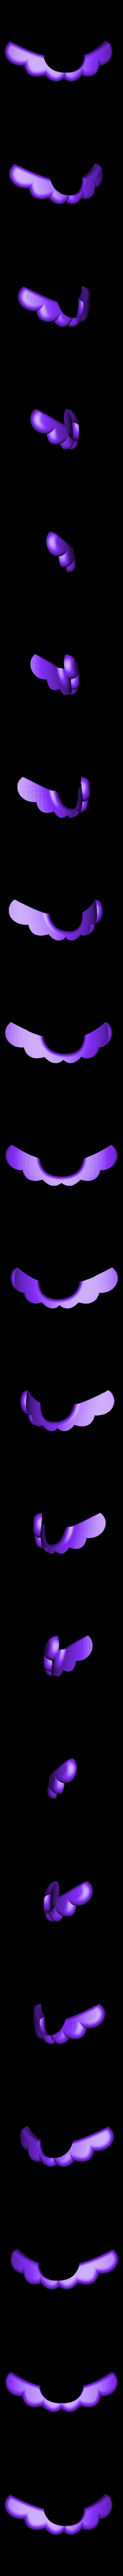 Mario-6.STL Download free STL file Super Mario complete set • 3D printer object, 86Duino